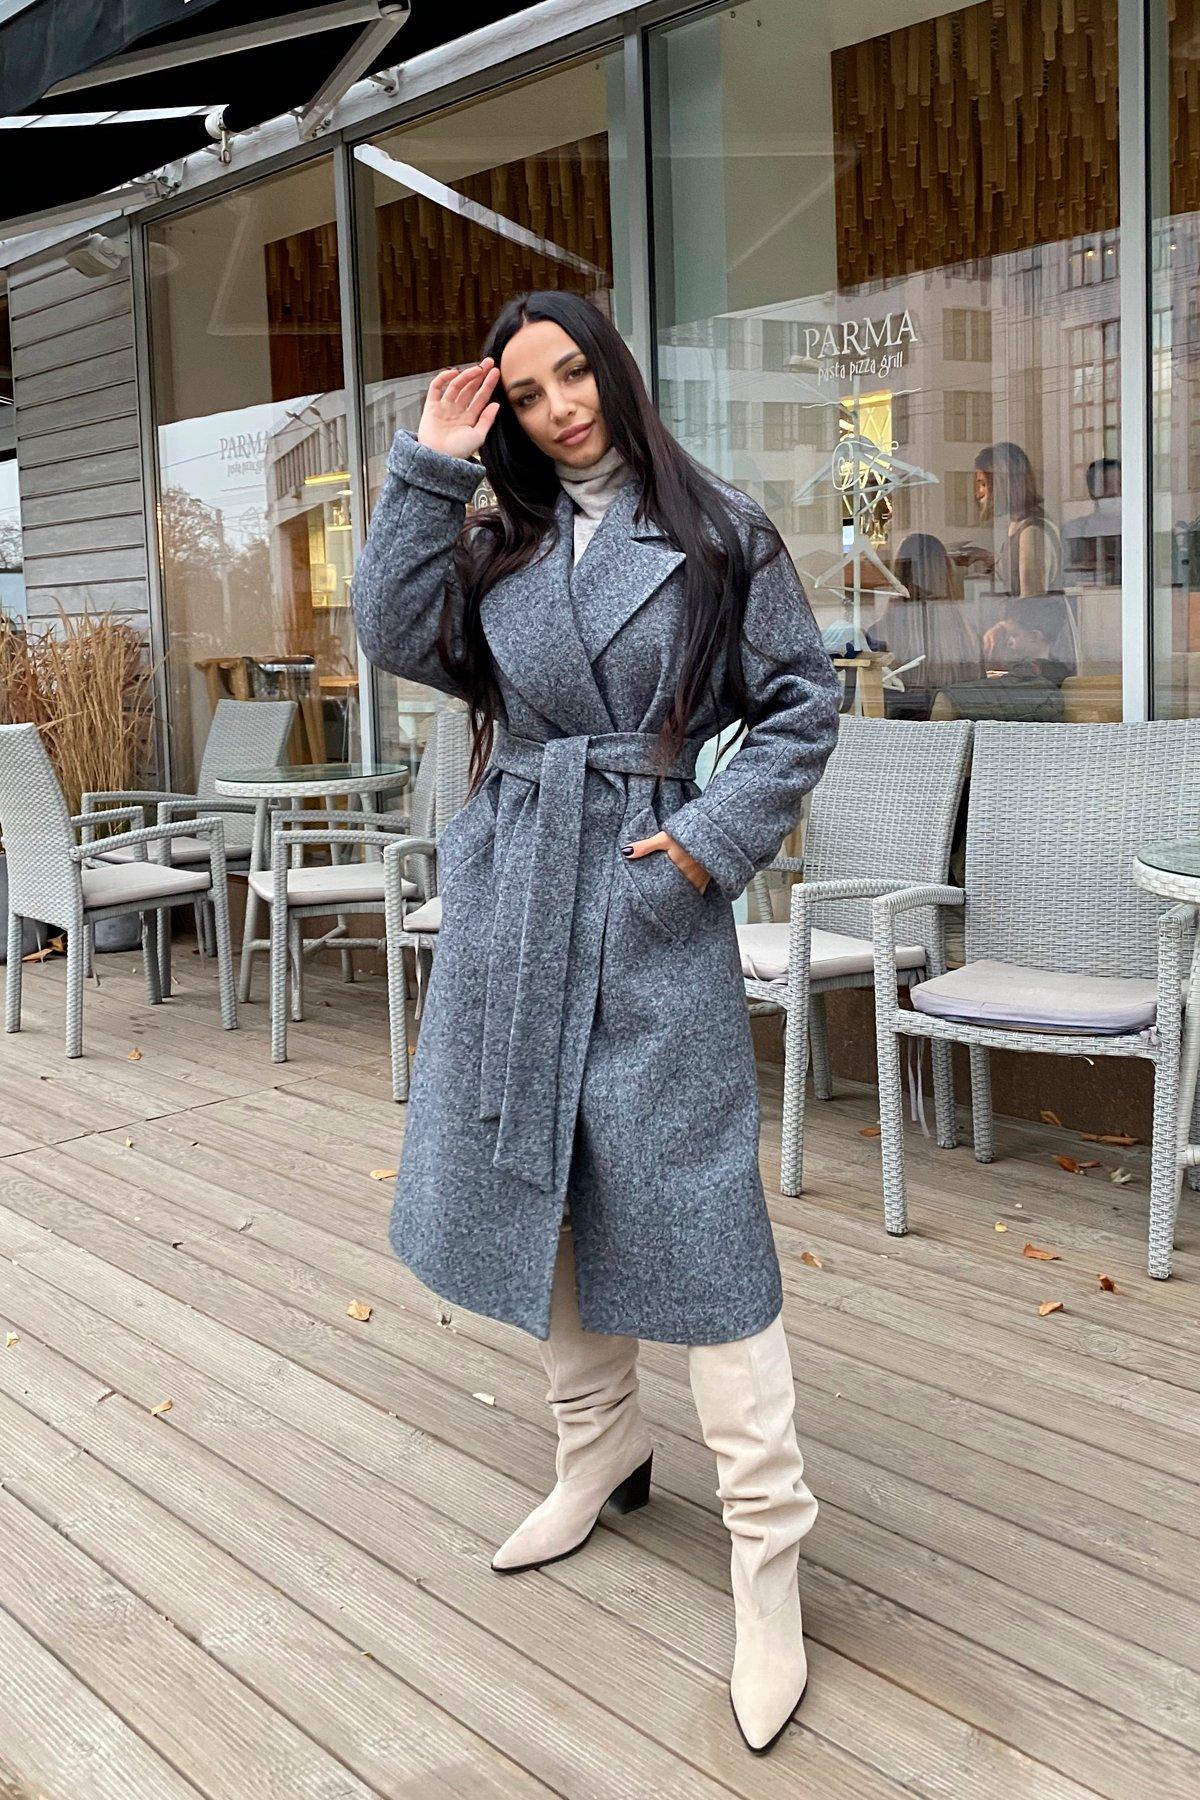 Влада шерсть варенка зима Хомут пальто 10021 АРТ. 46318 Цвет: Серый темный 5 - фото 1, интернет магазин tm-modus.ru